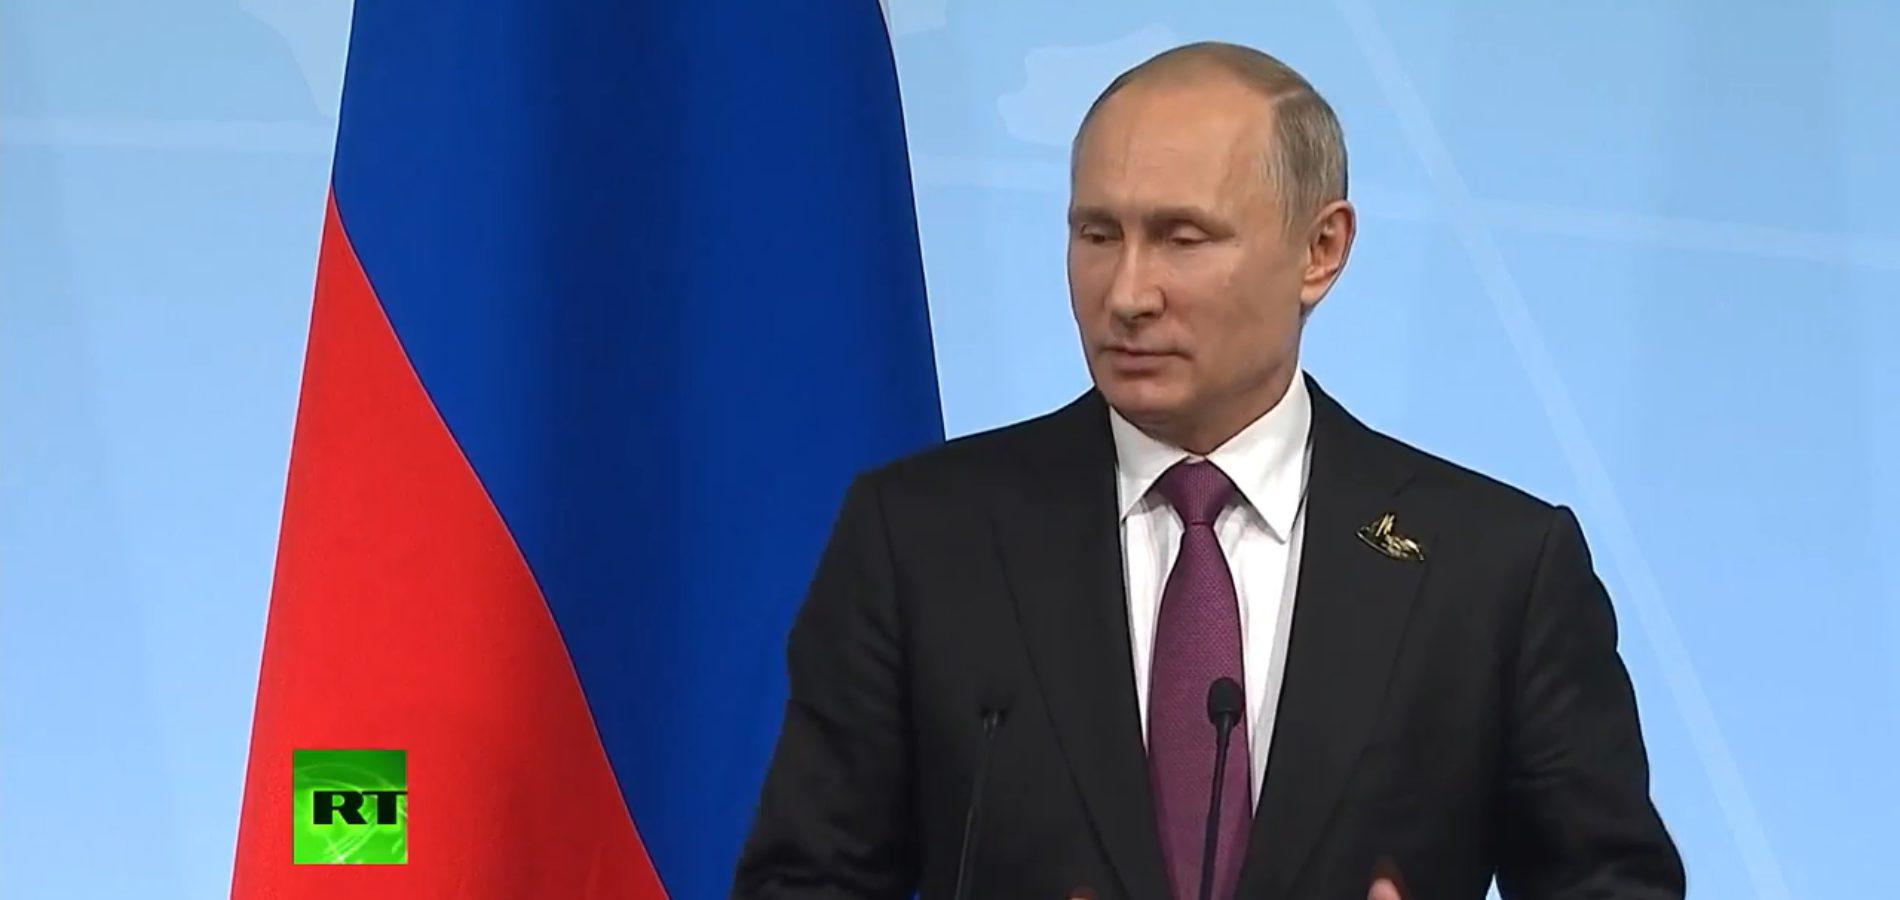 Путин, говоря об экономическом росте страны, упомянул программу Столыпинского клуба первой